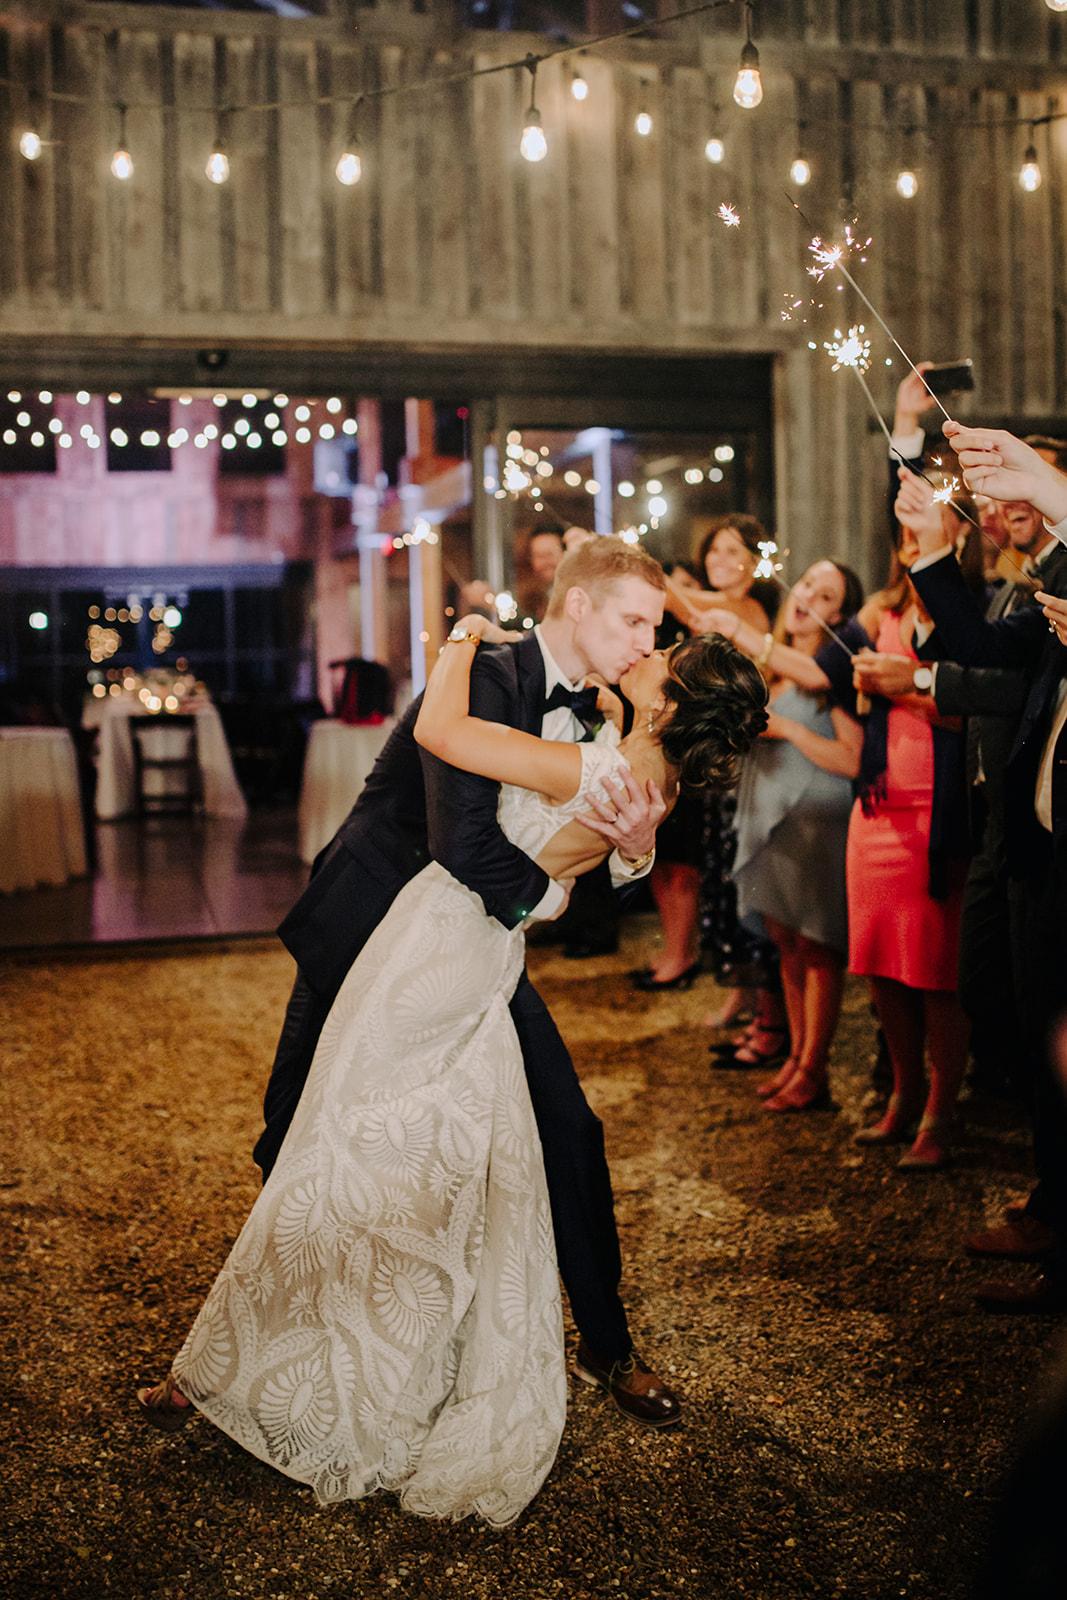 Sparkler wedding exit at Green Door Gourmet